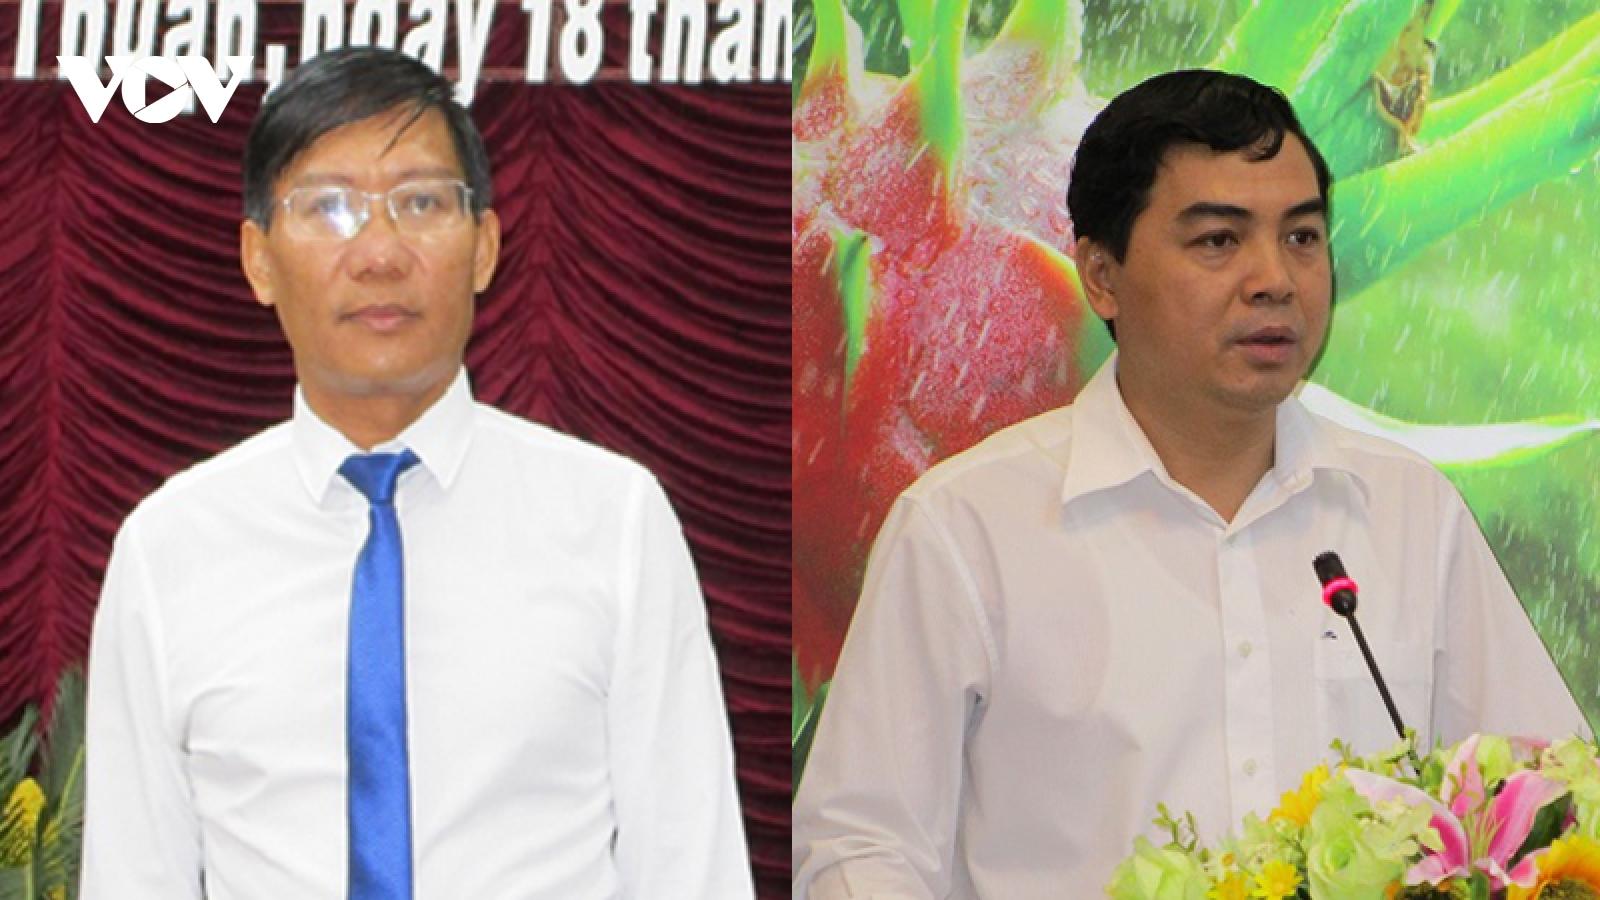 Bình Thuận bầu Chủ tịch HĐND và UBND nhiệm kỳ 2021 – 2026